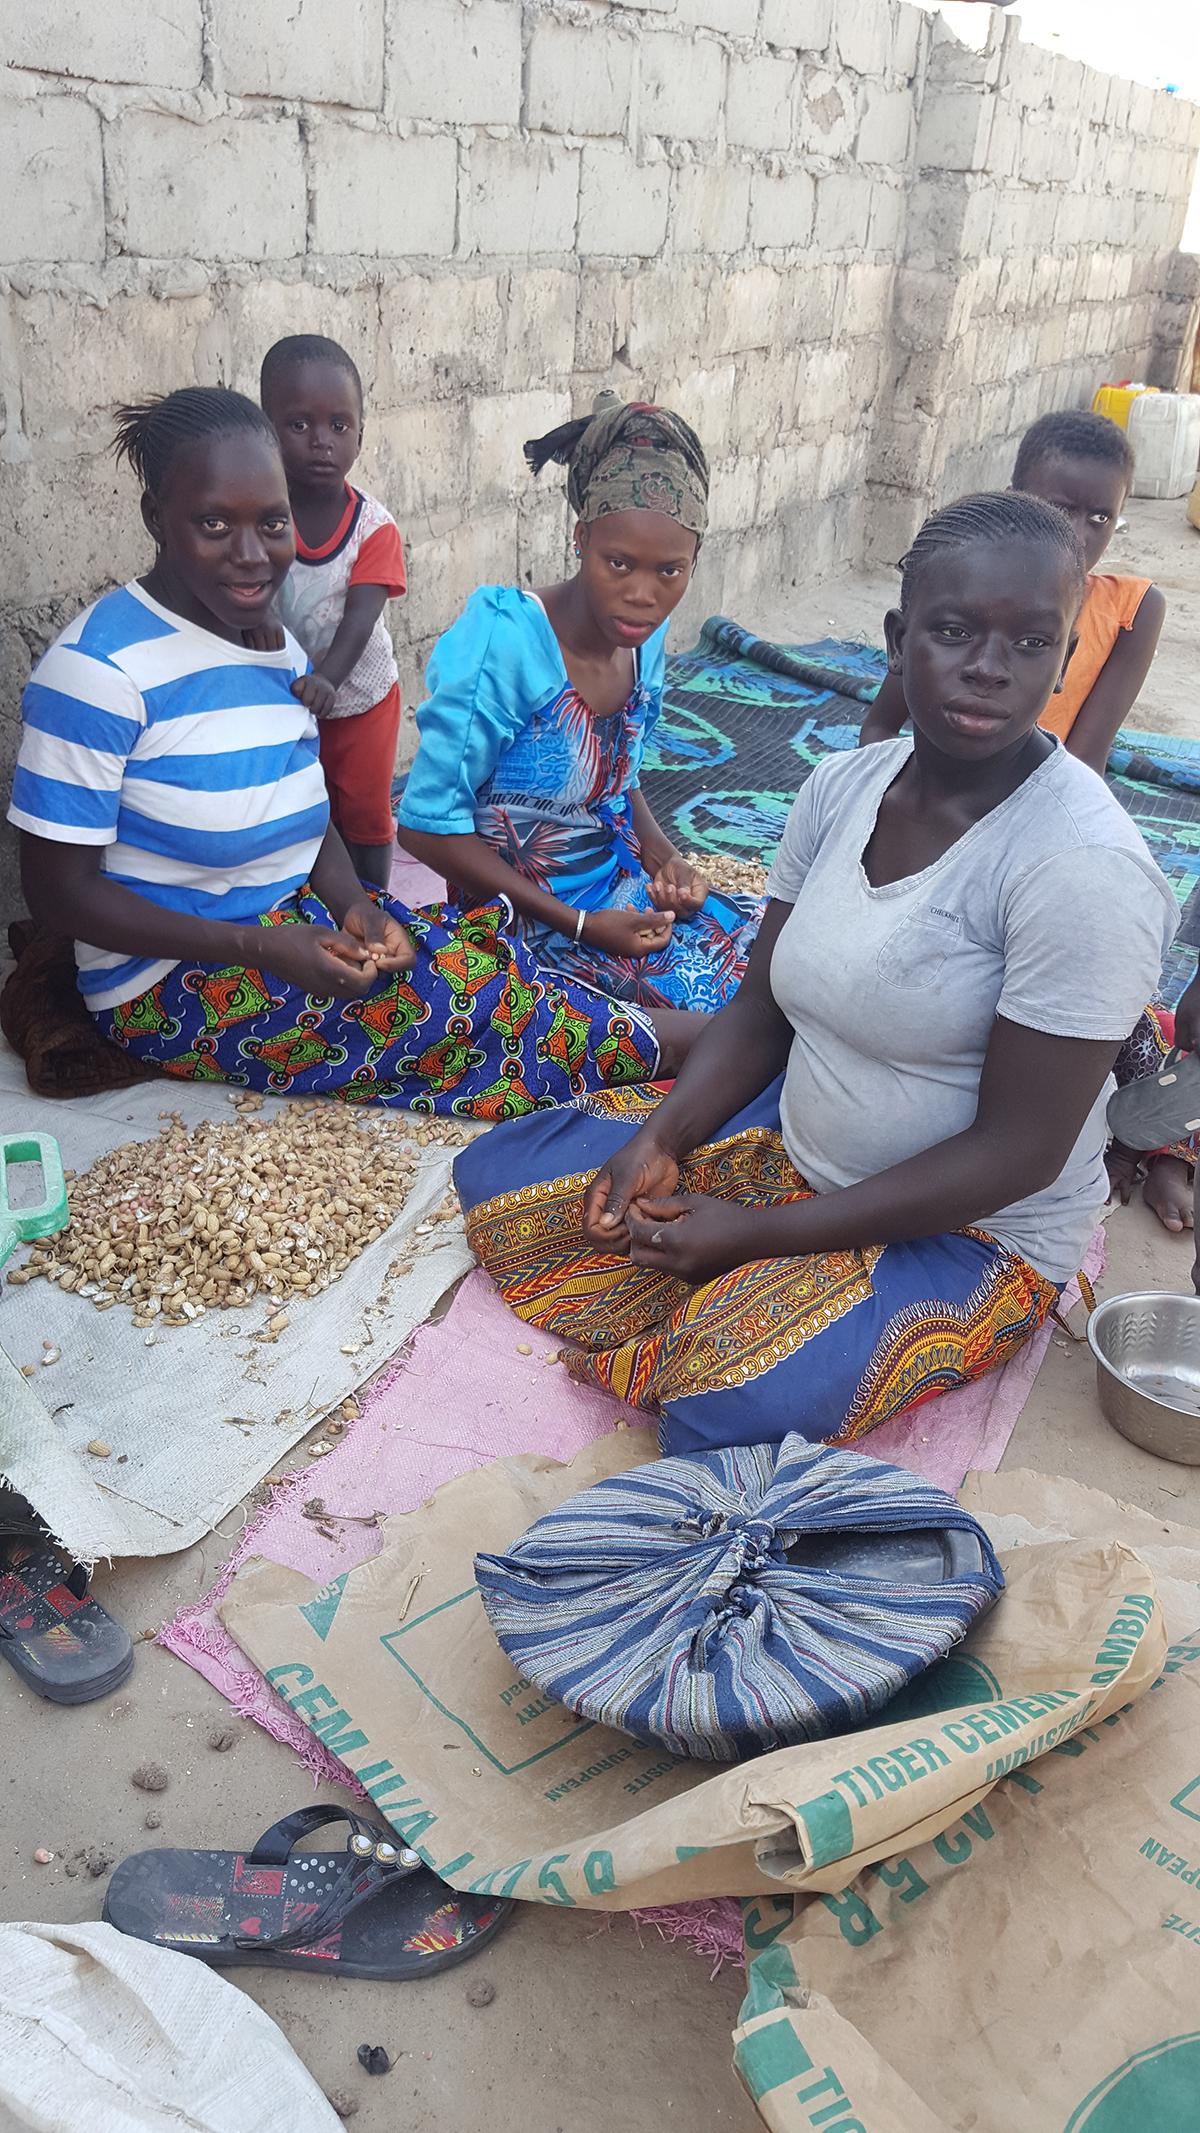 Naiset Gambia Maapähkinät